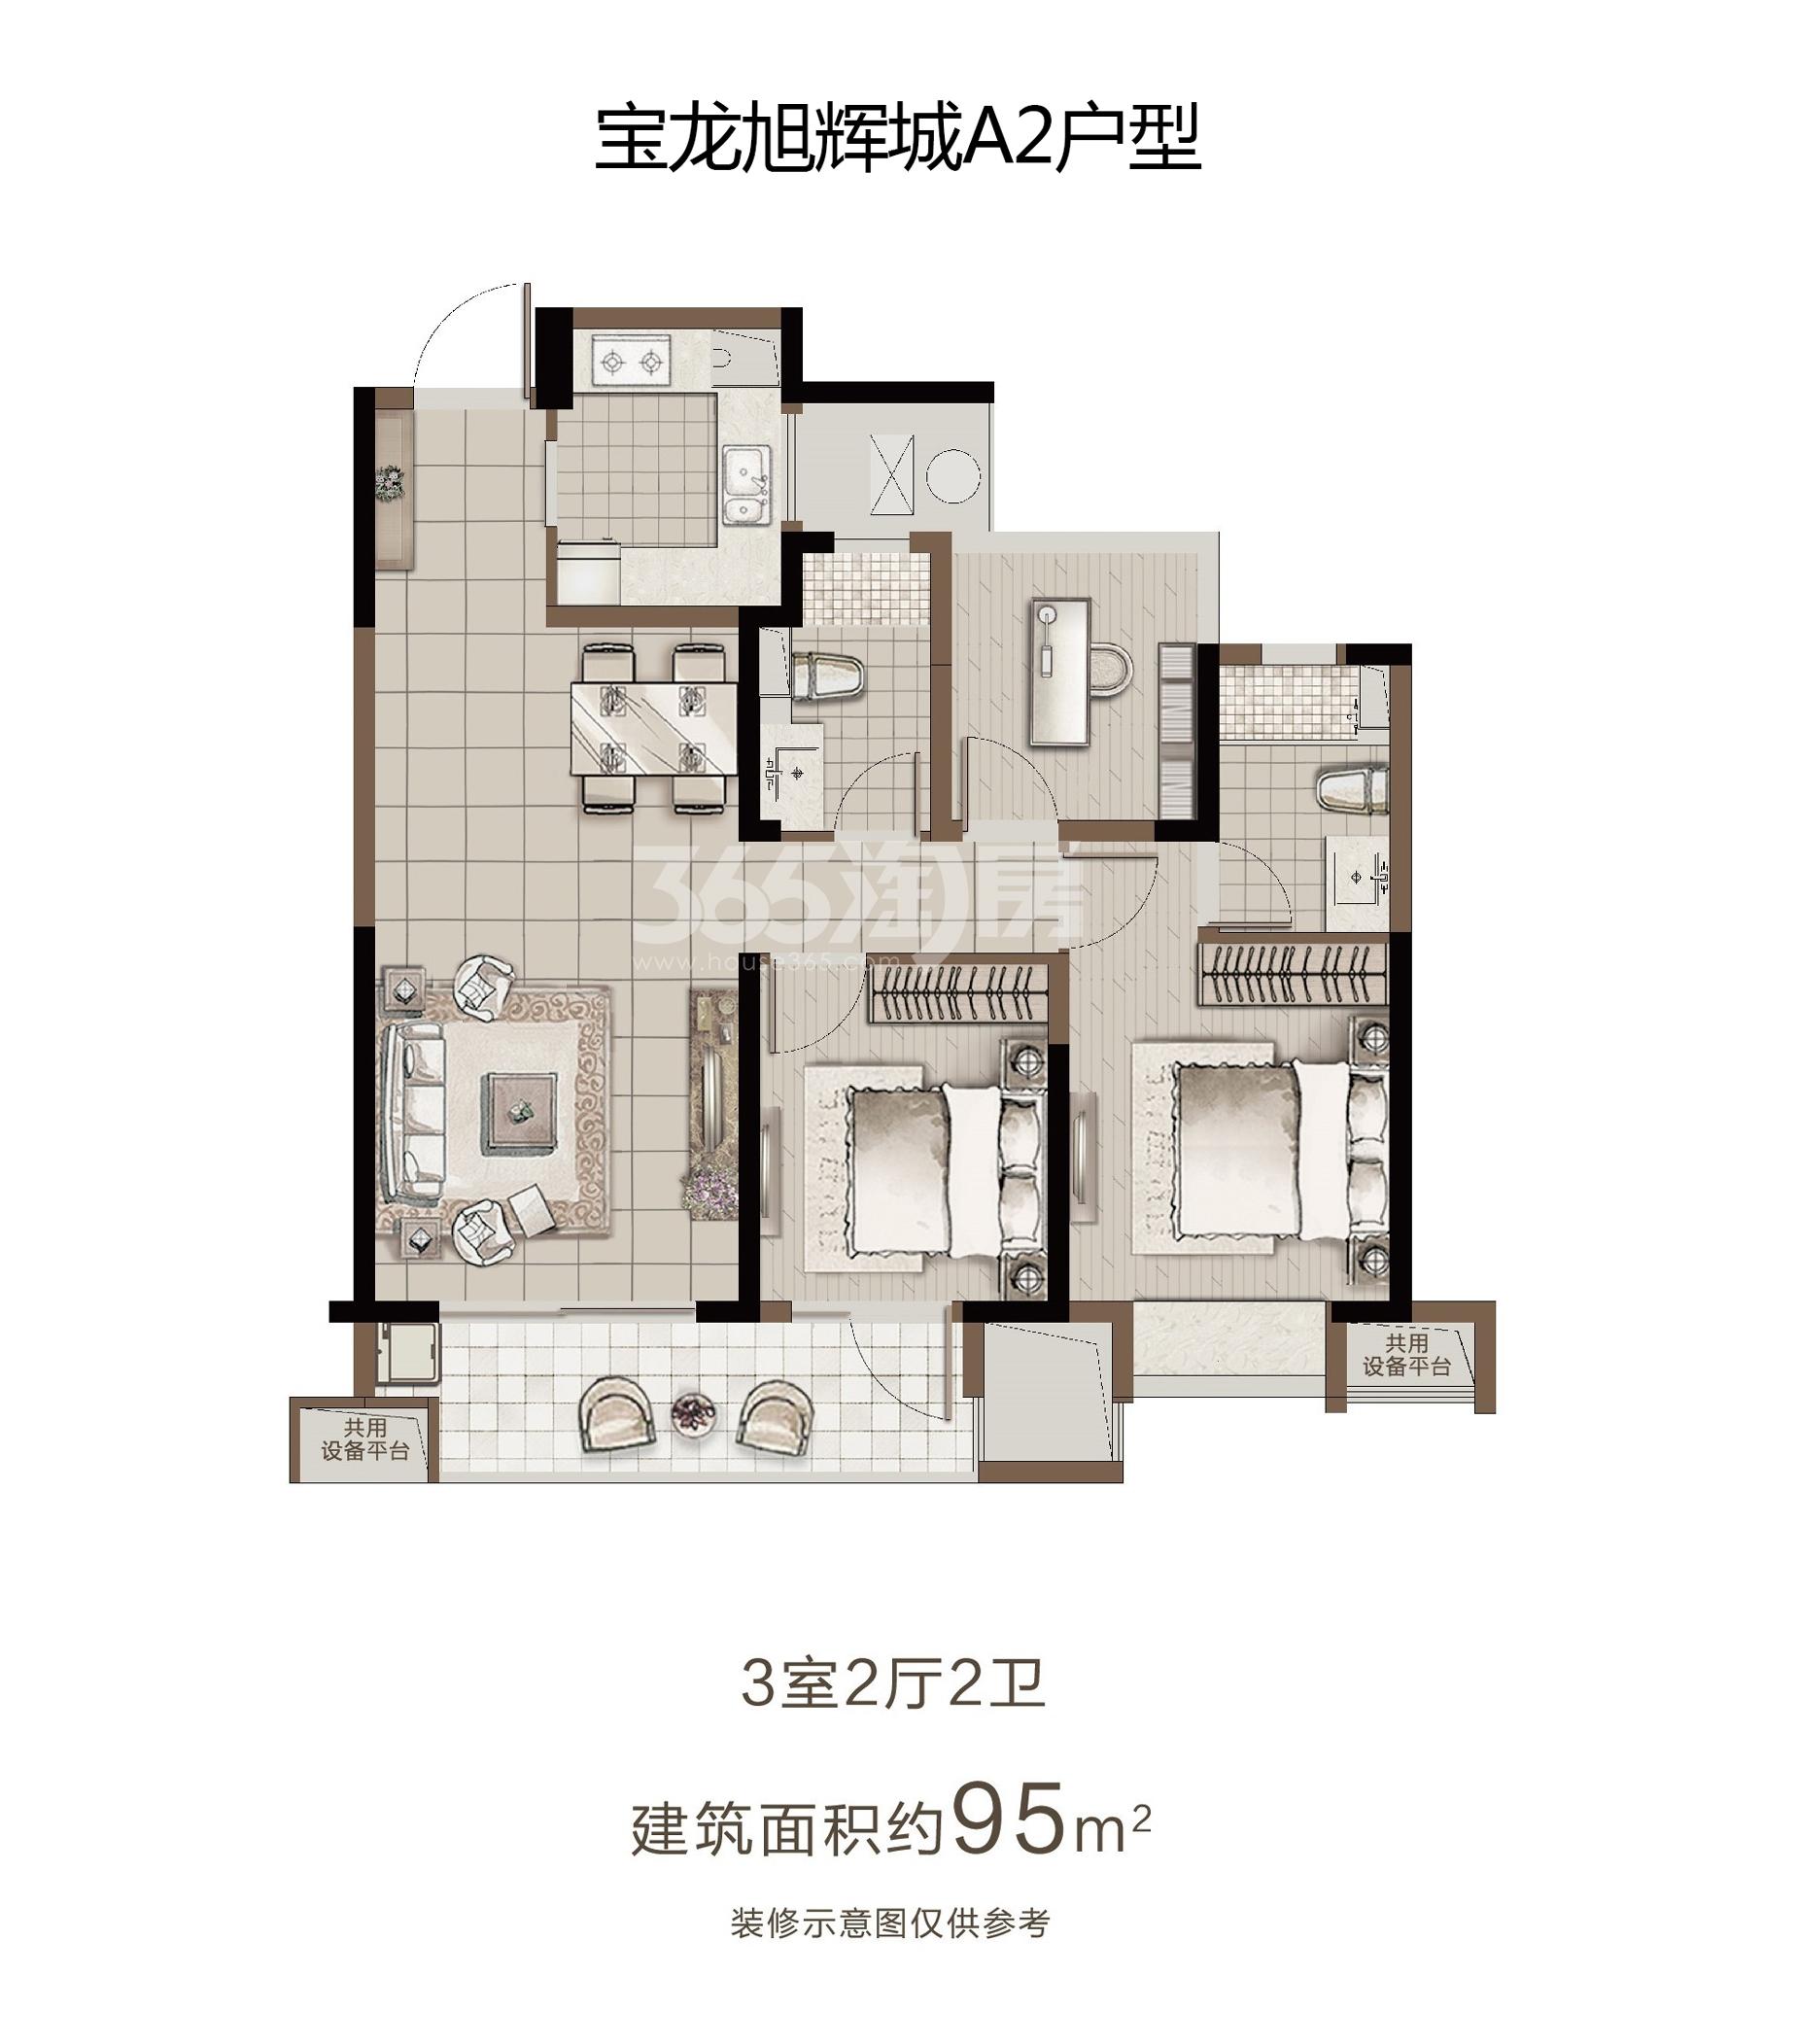 宝龙旭辉城A2户型约95㎡(9-15#、16#、22#中间套)